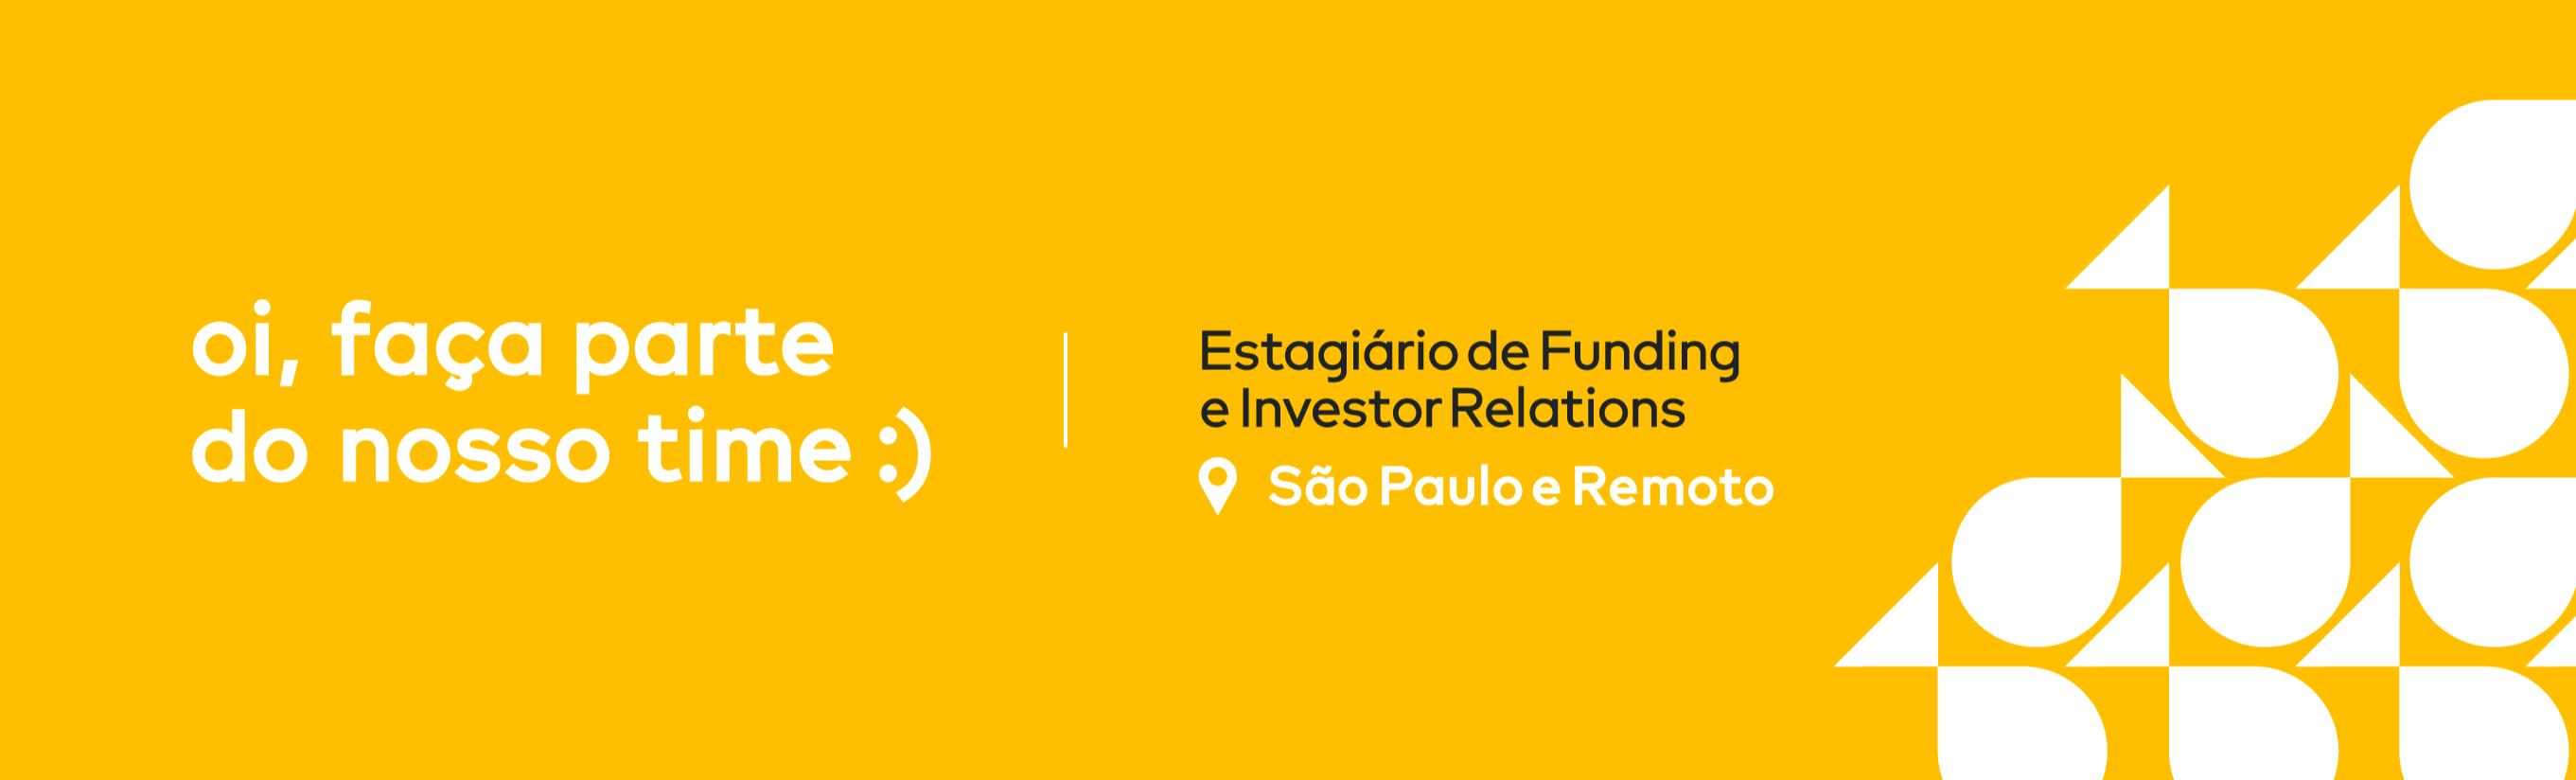 Estagiário de Funding e Investor Relations